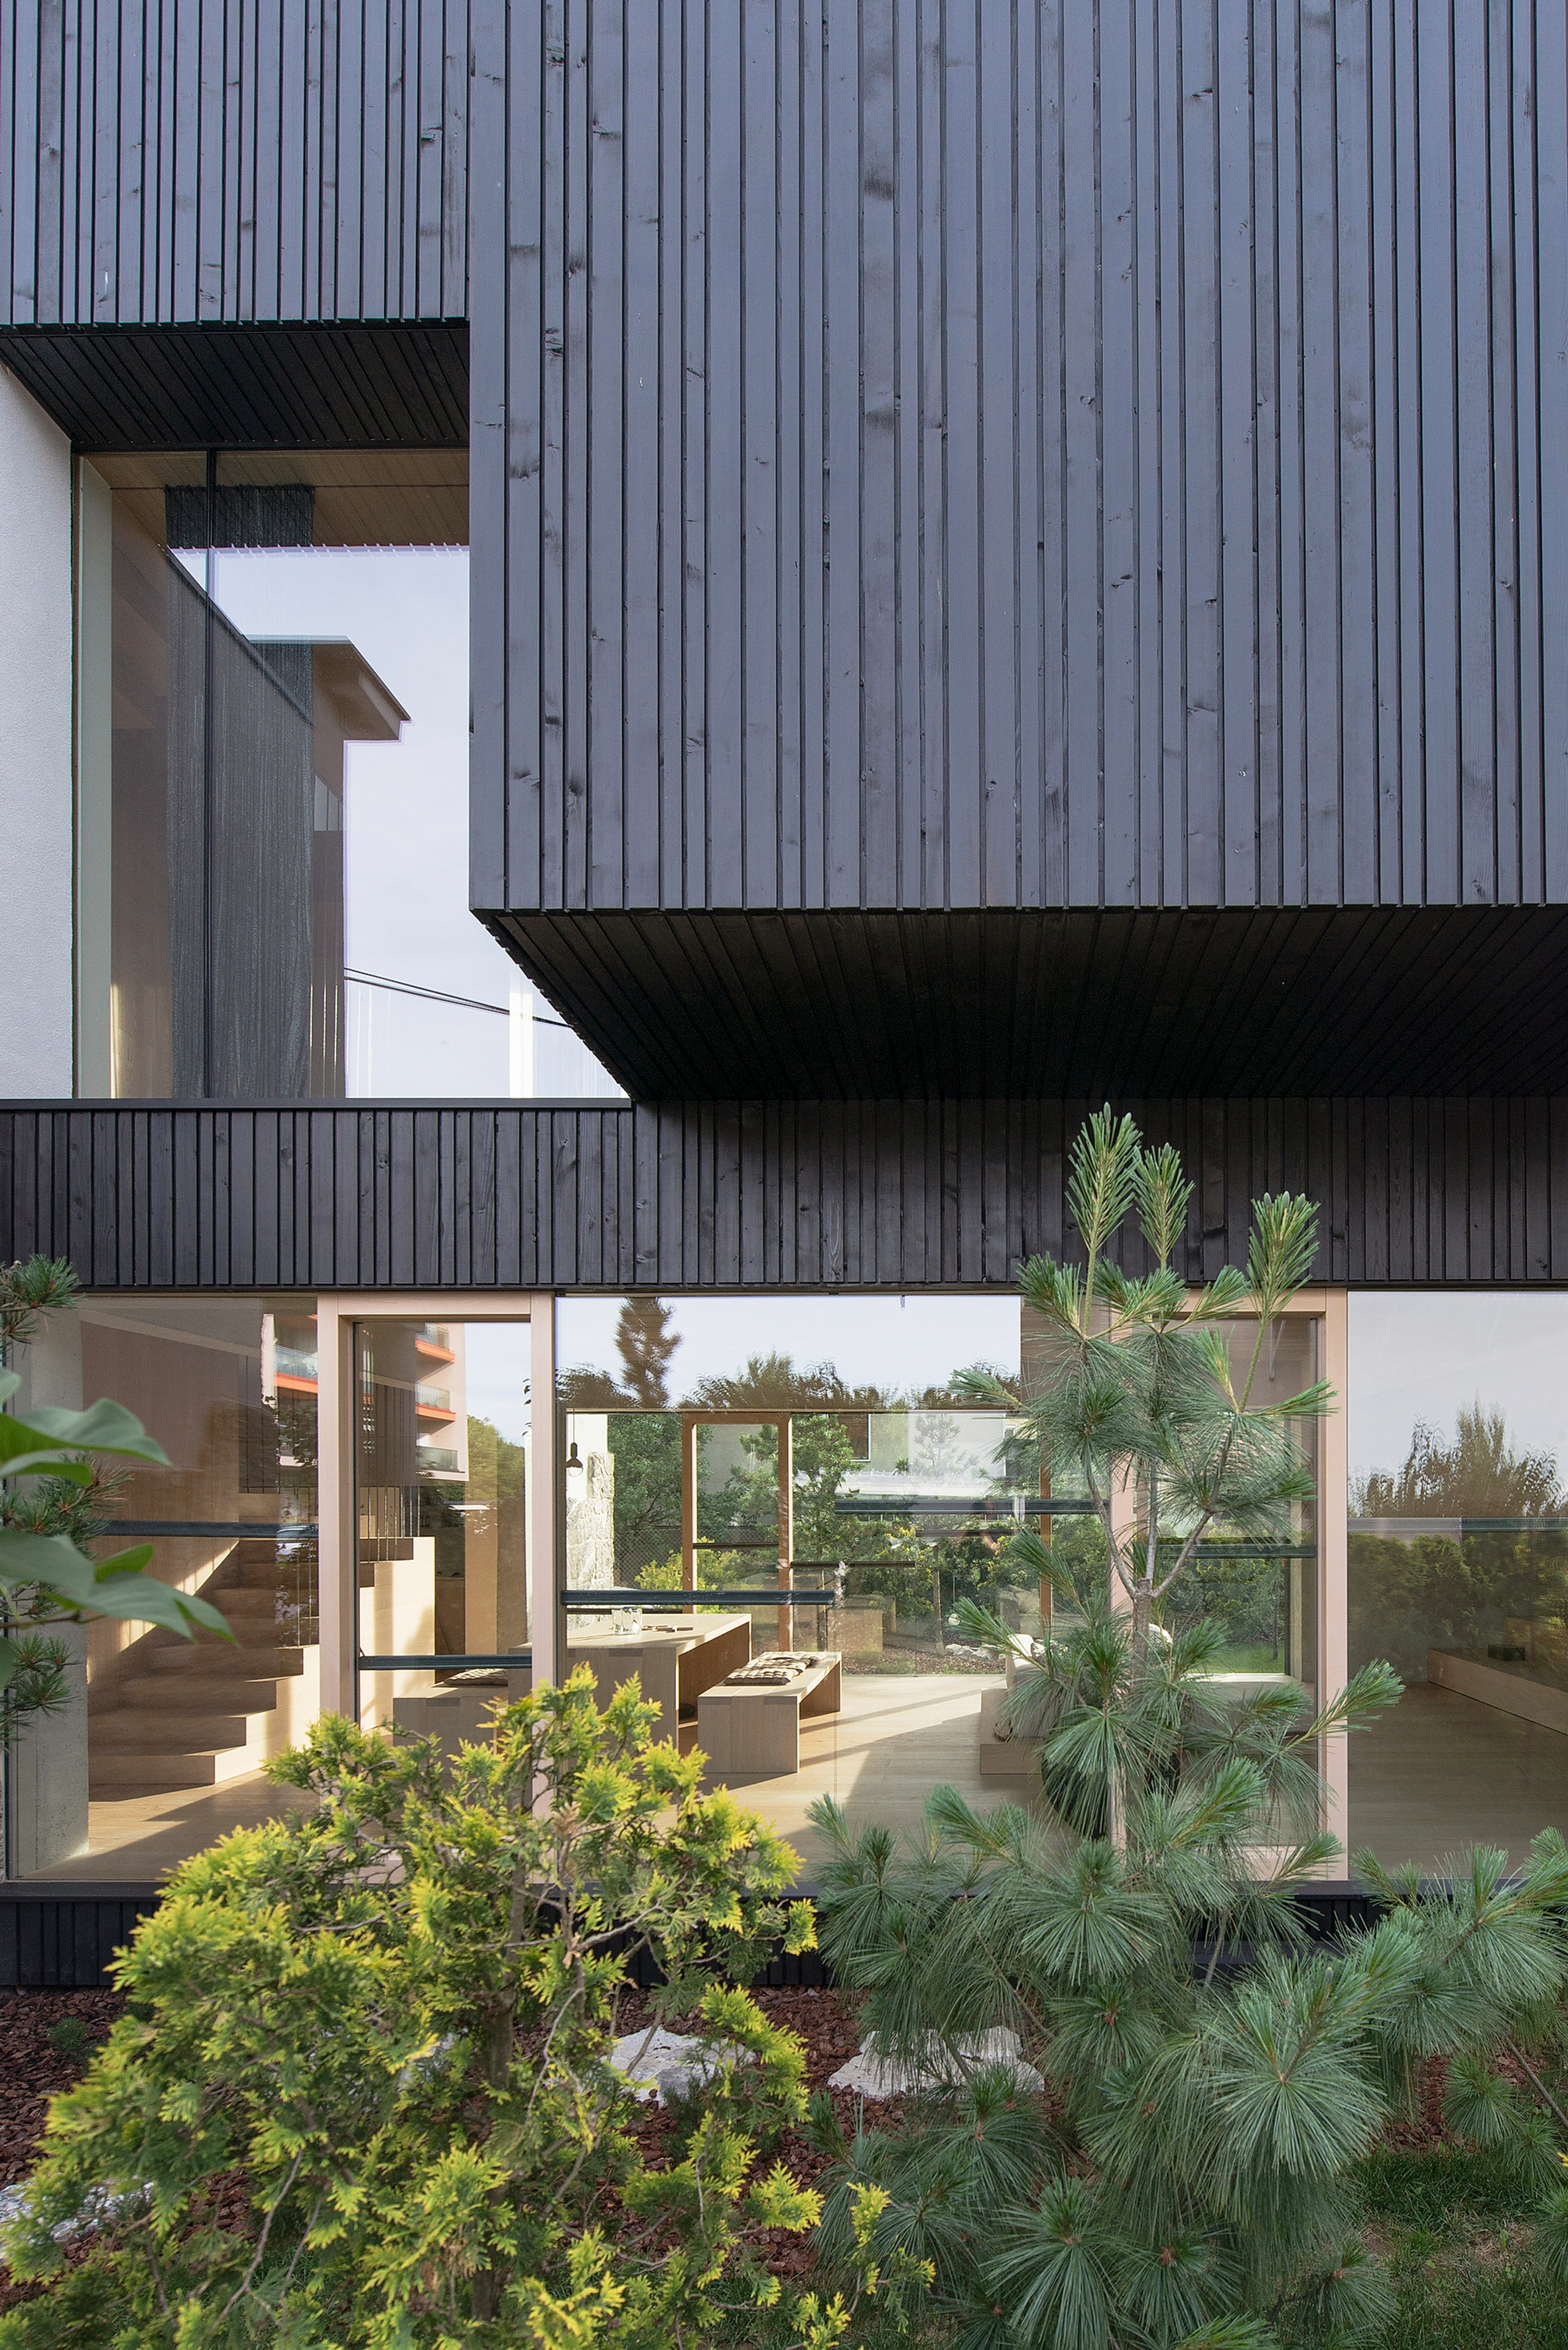 Shoebox House by OFIS Architects